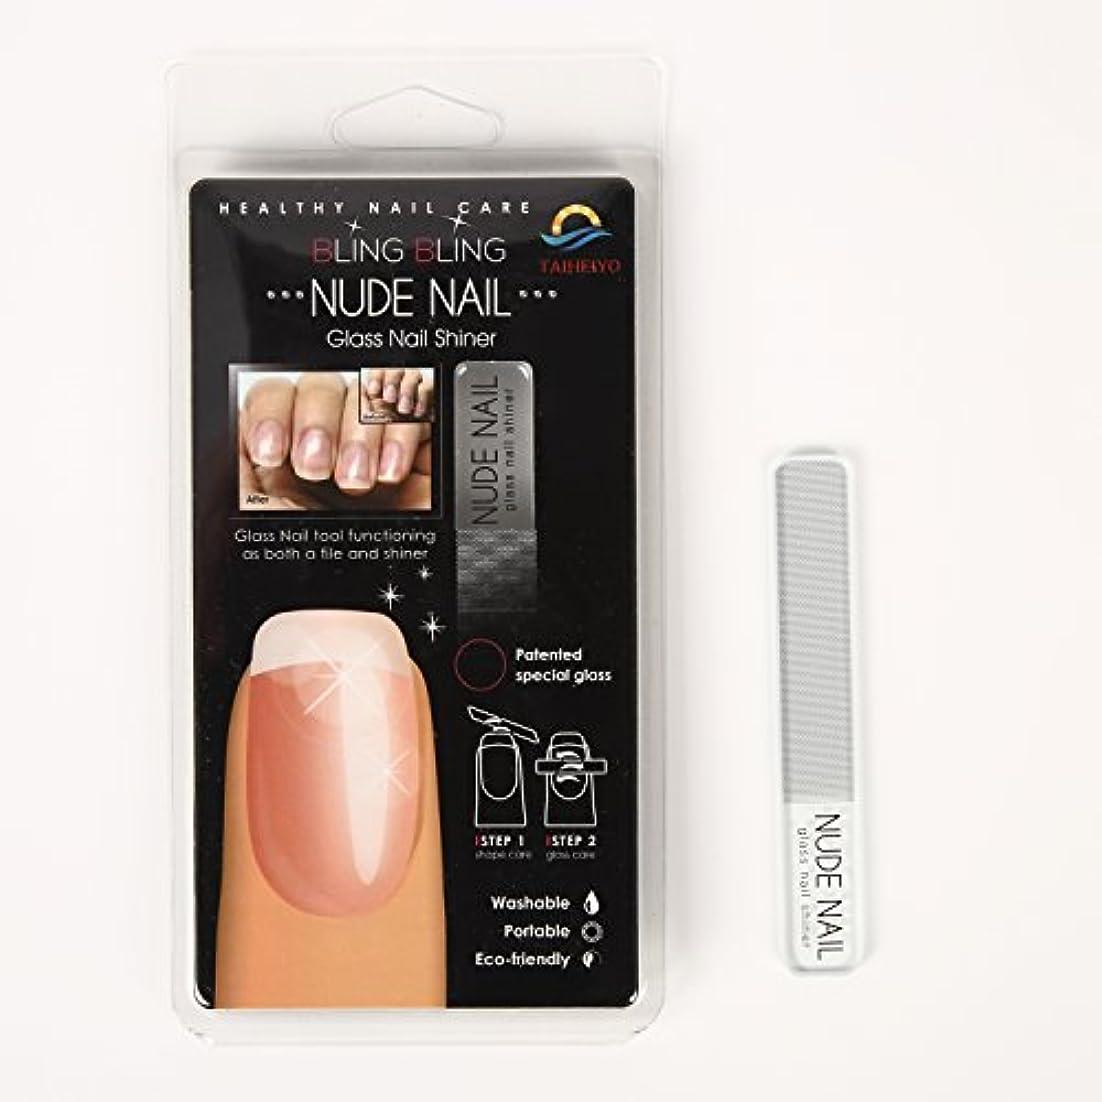 飢えたテープベイビーヌードネイル NUDE NAIL ガラ ス製爪磨き ガラスネイルシャイナー GLASS NAIL SHINER TAIHEIYO (1本) 爪やすり 爪みがき